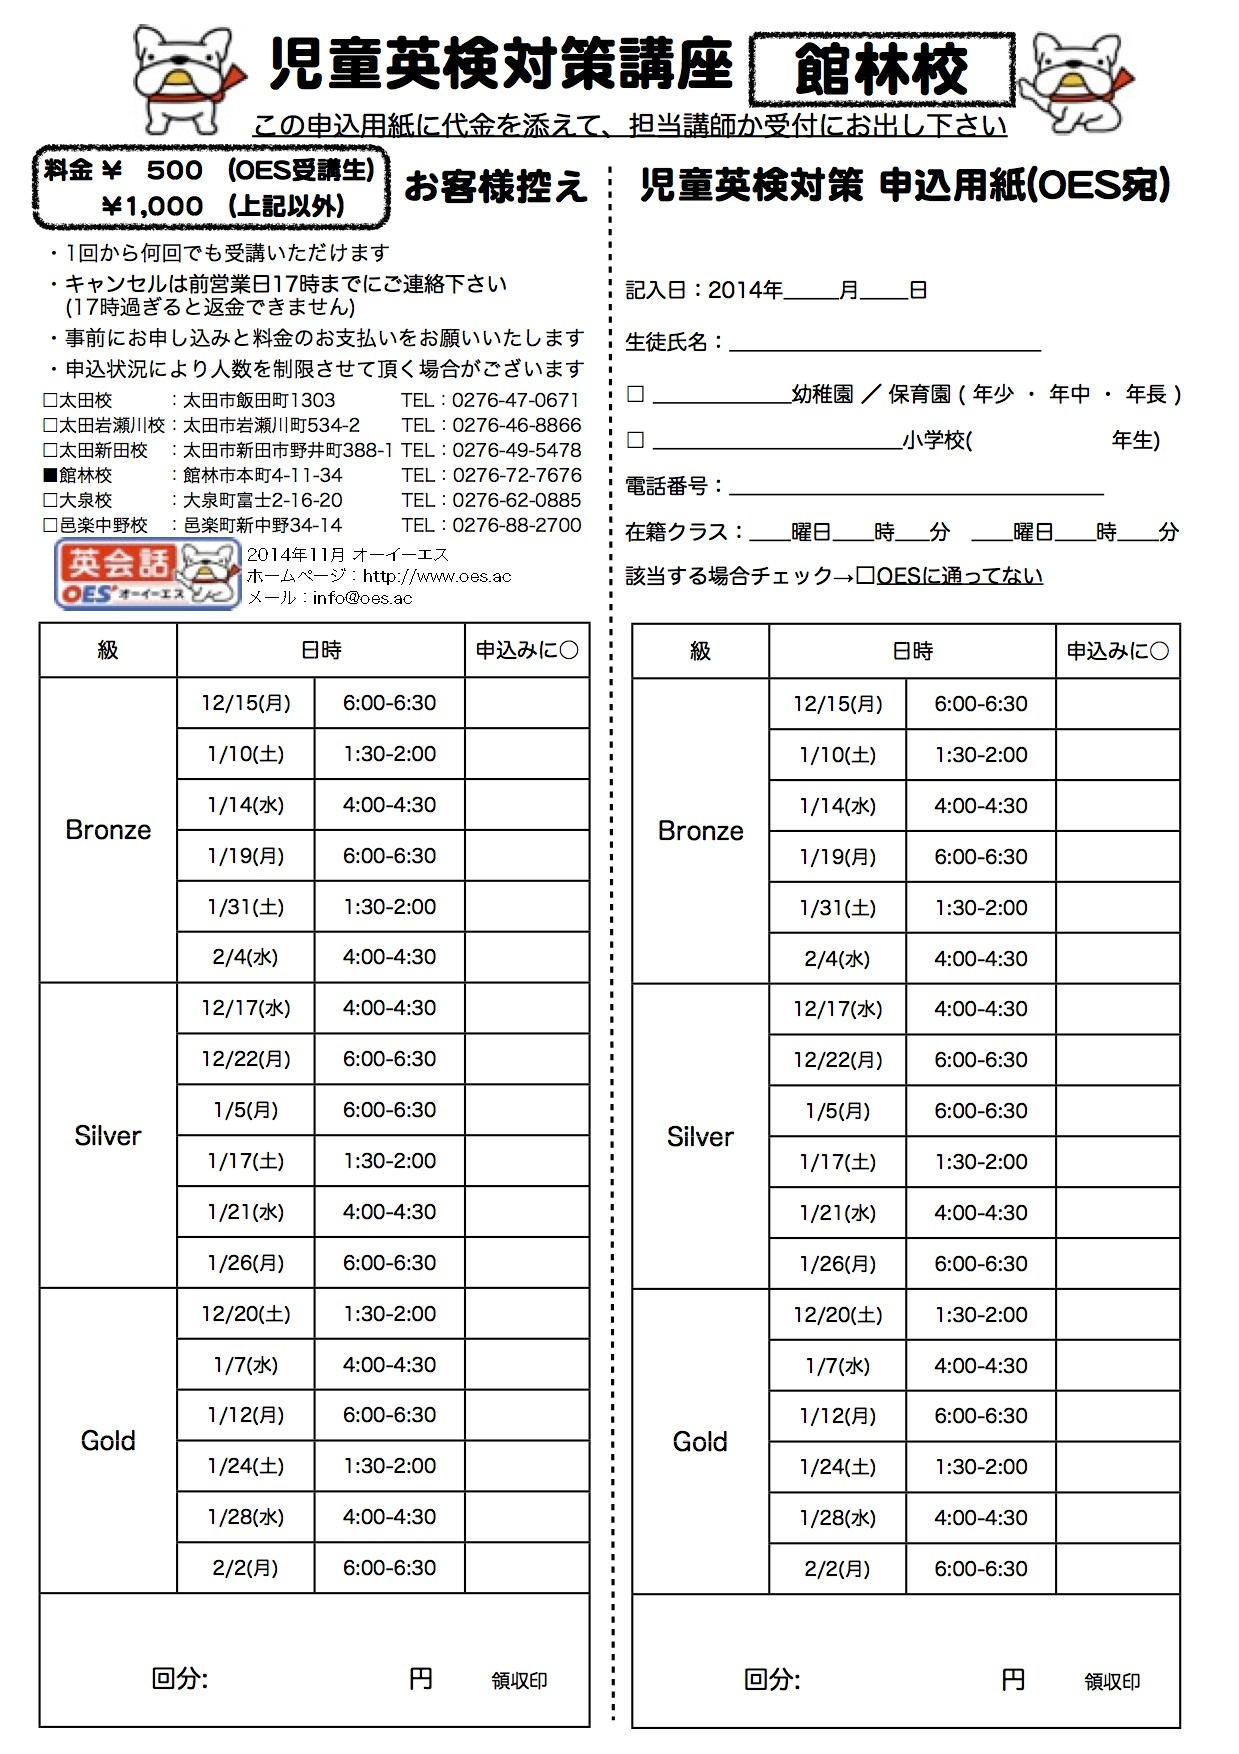 館林校申込用紙 2014-3 館林校 2014年12〜2015年2(試験前まで)